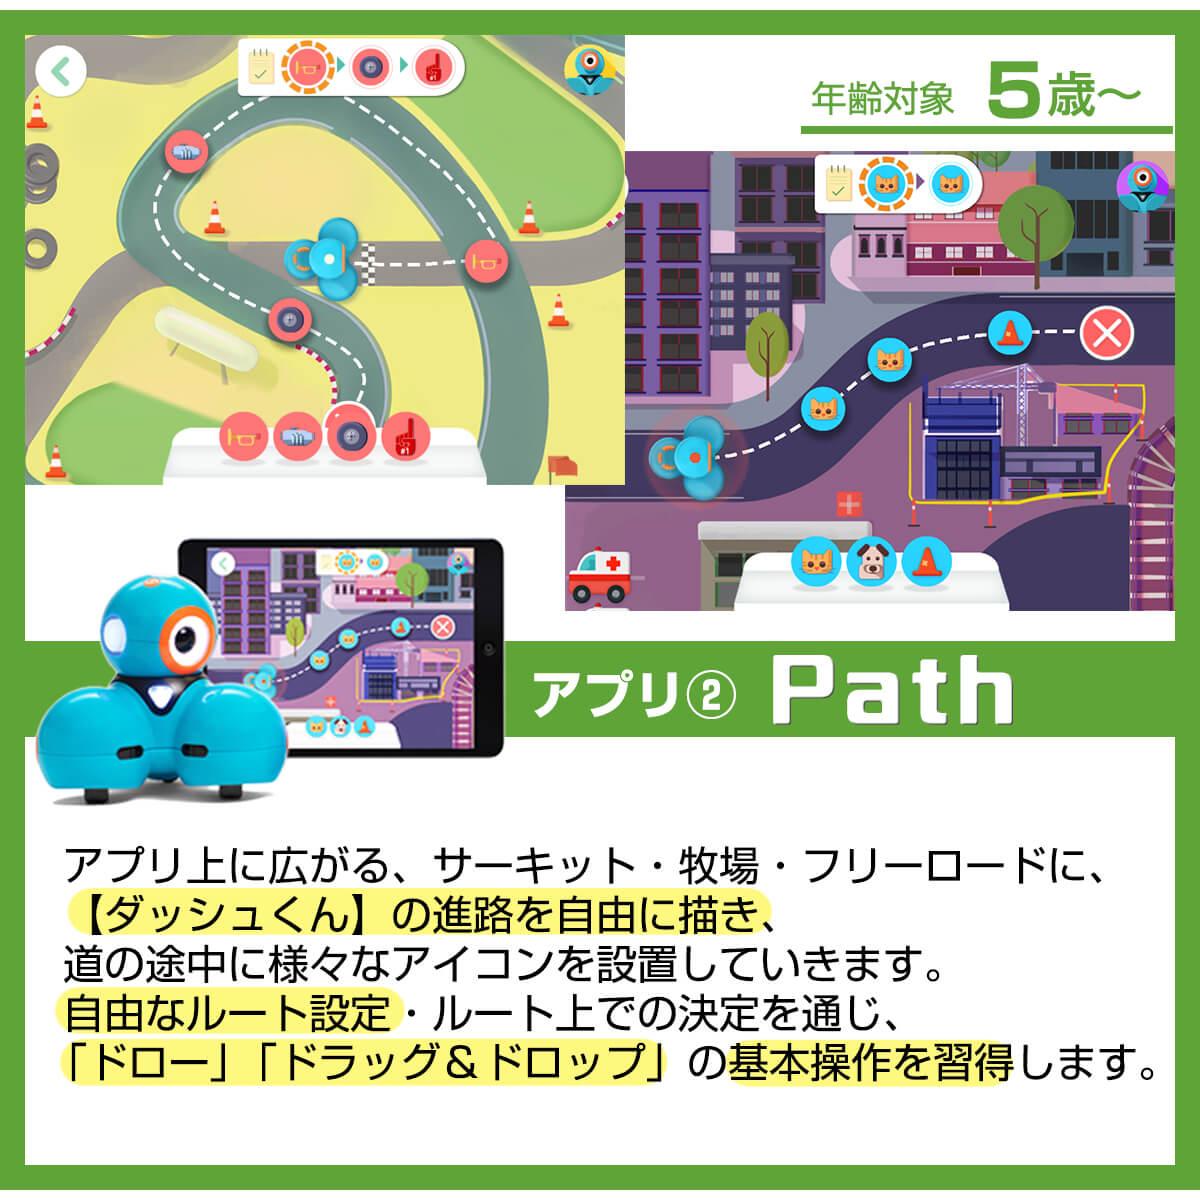 ダッシュくん専用アプリPath